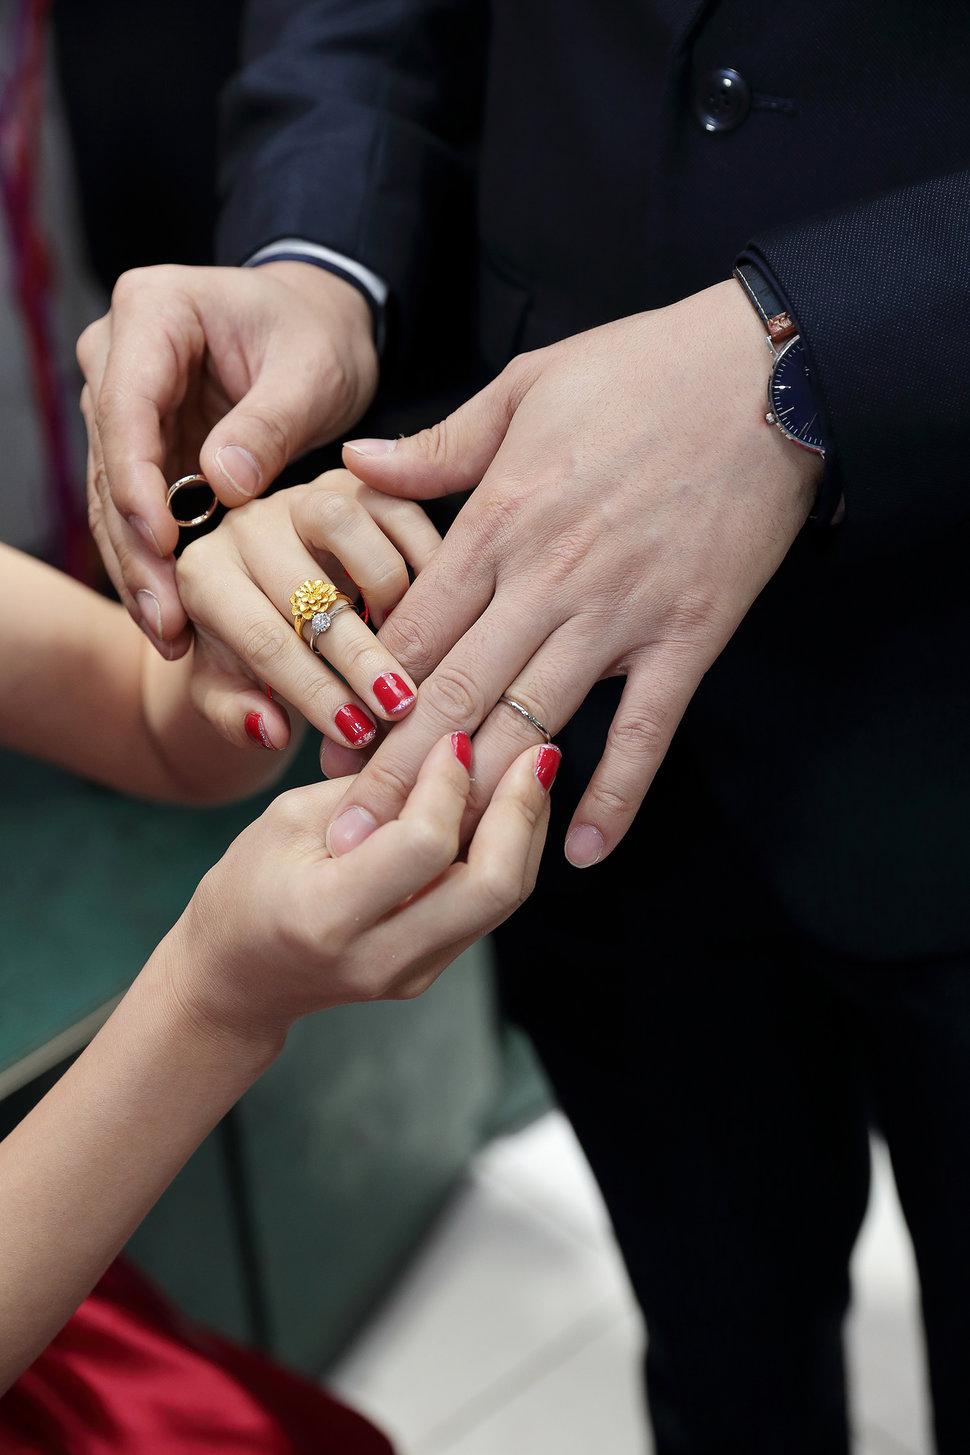 058A1105 - 倪秉影像 婚禮紀實攝影 - 結婚吧